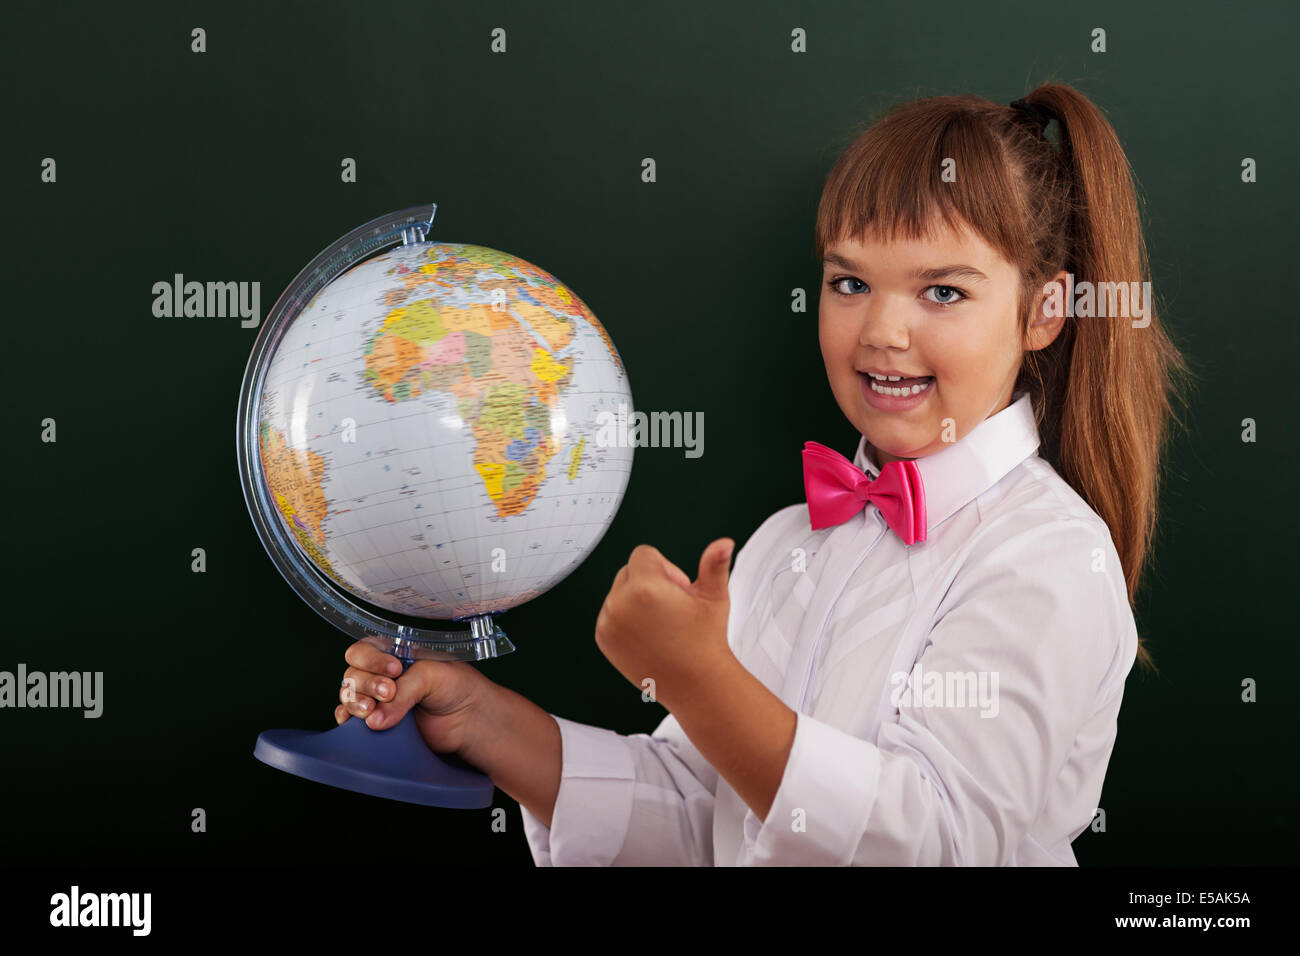 Écolière avec globe showing ok sign, Debica, Pologne. Photo Stock